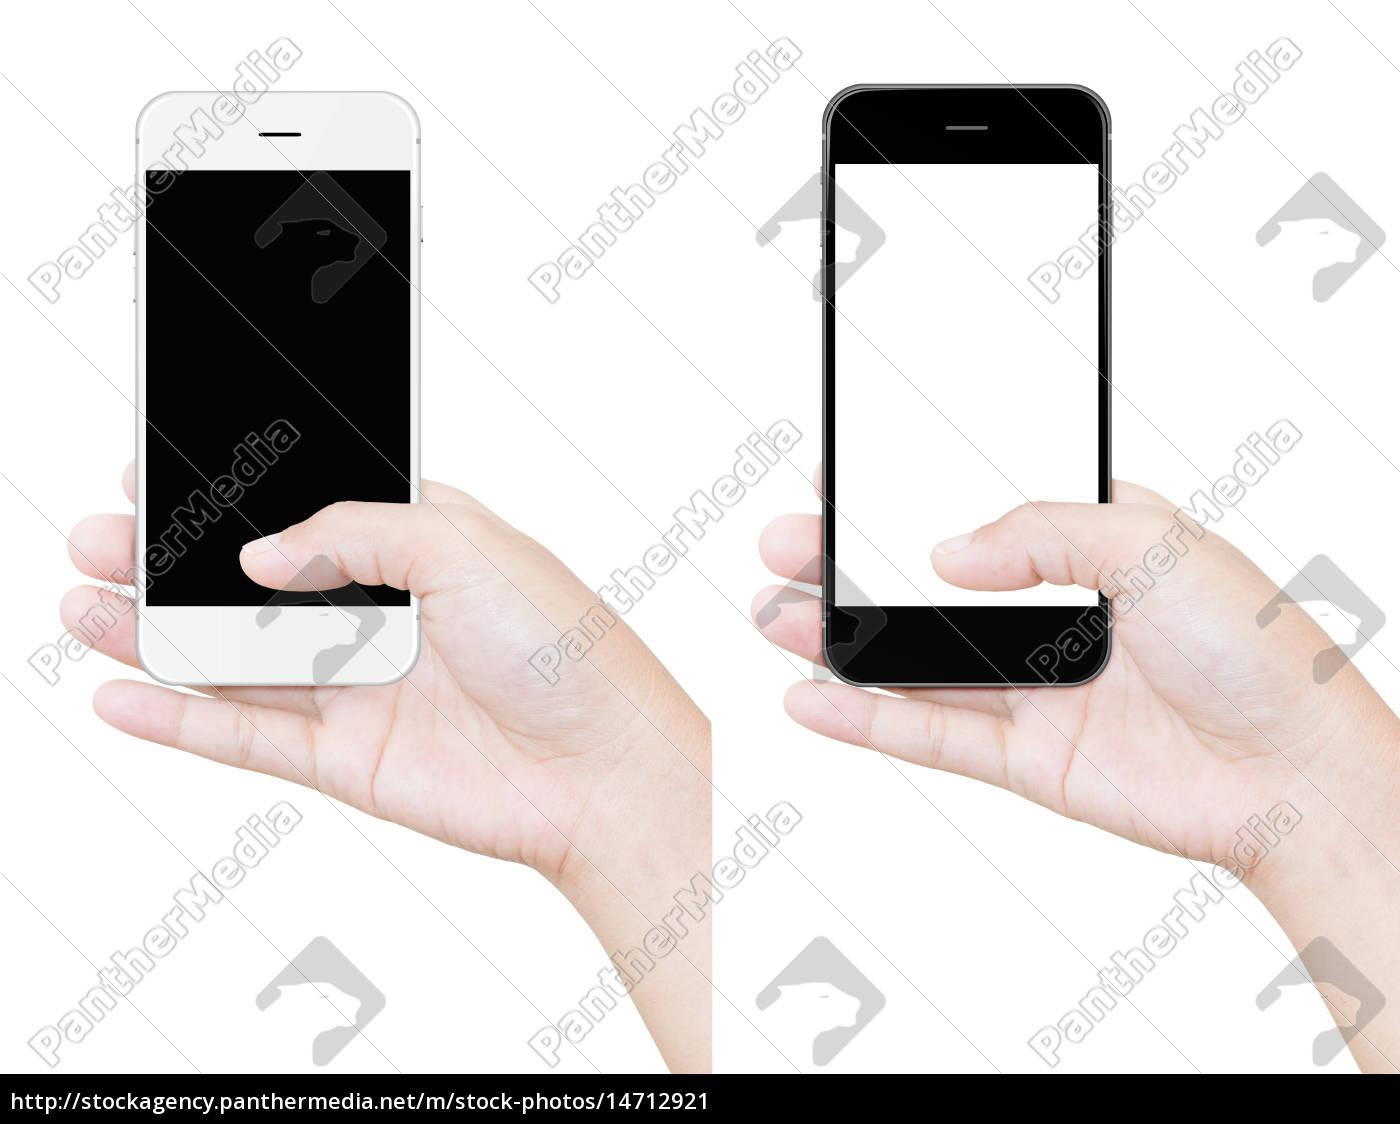 mão, segurando, caminho, de, recorte, telefone - 14712921